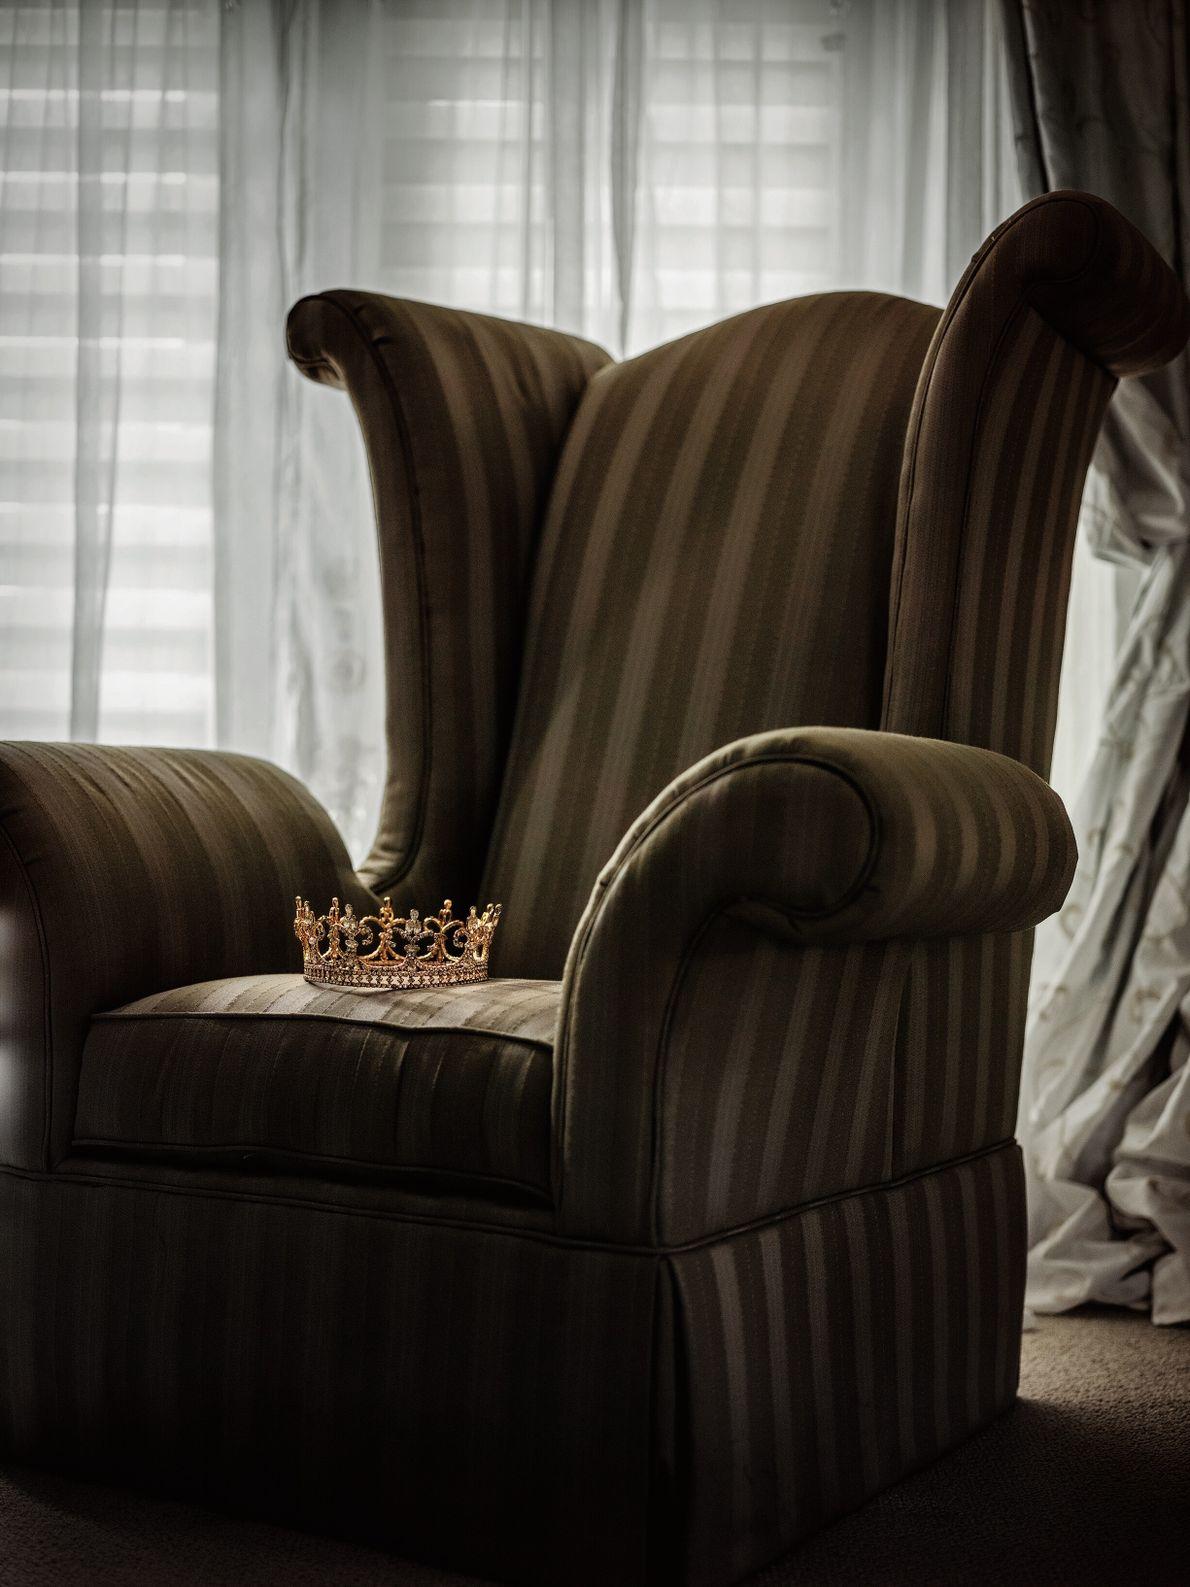 Le virus emporte un roi. La Nouvelle-Orléans, Louisiane, États-Unis. La couronne de roi zoulou du Mardi gras ...